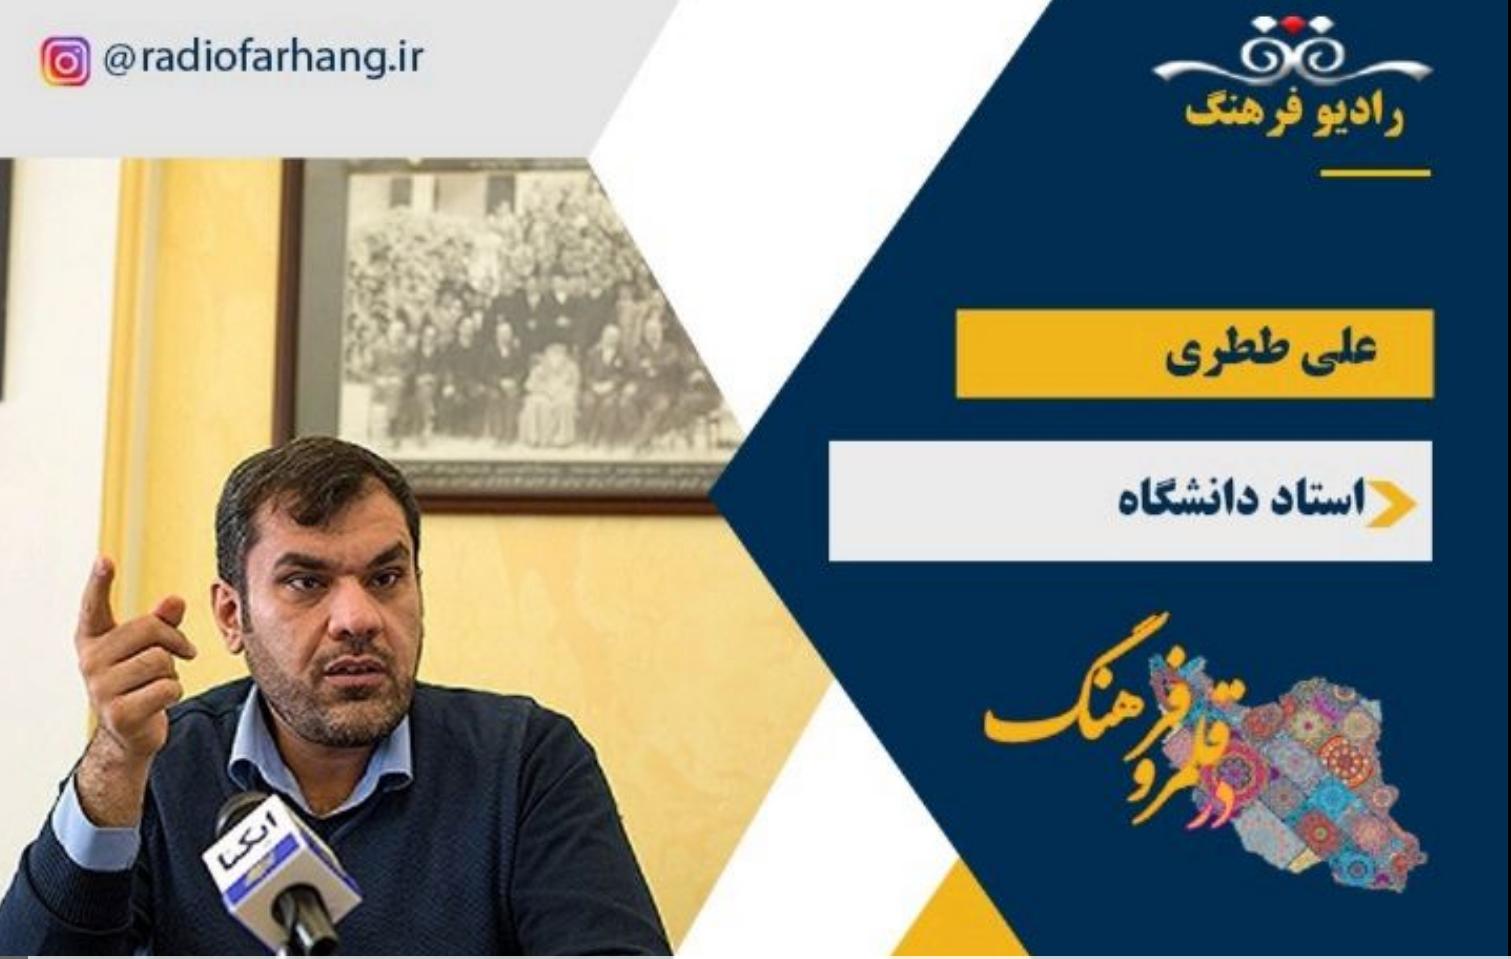 چرا مجلس نقش مهمی در تاریخ ایران داشته است؟